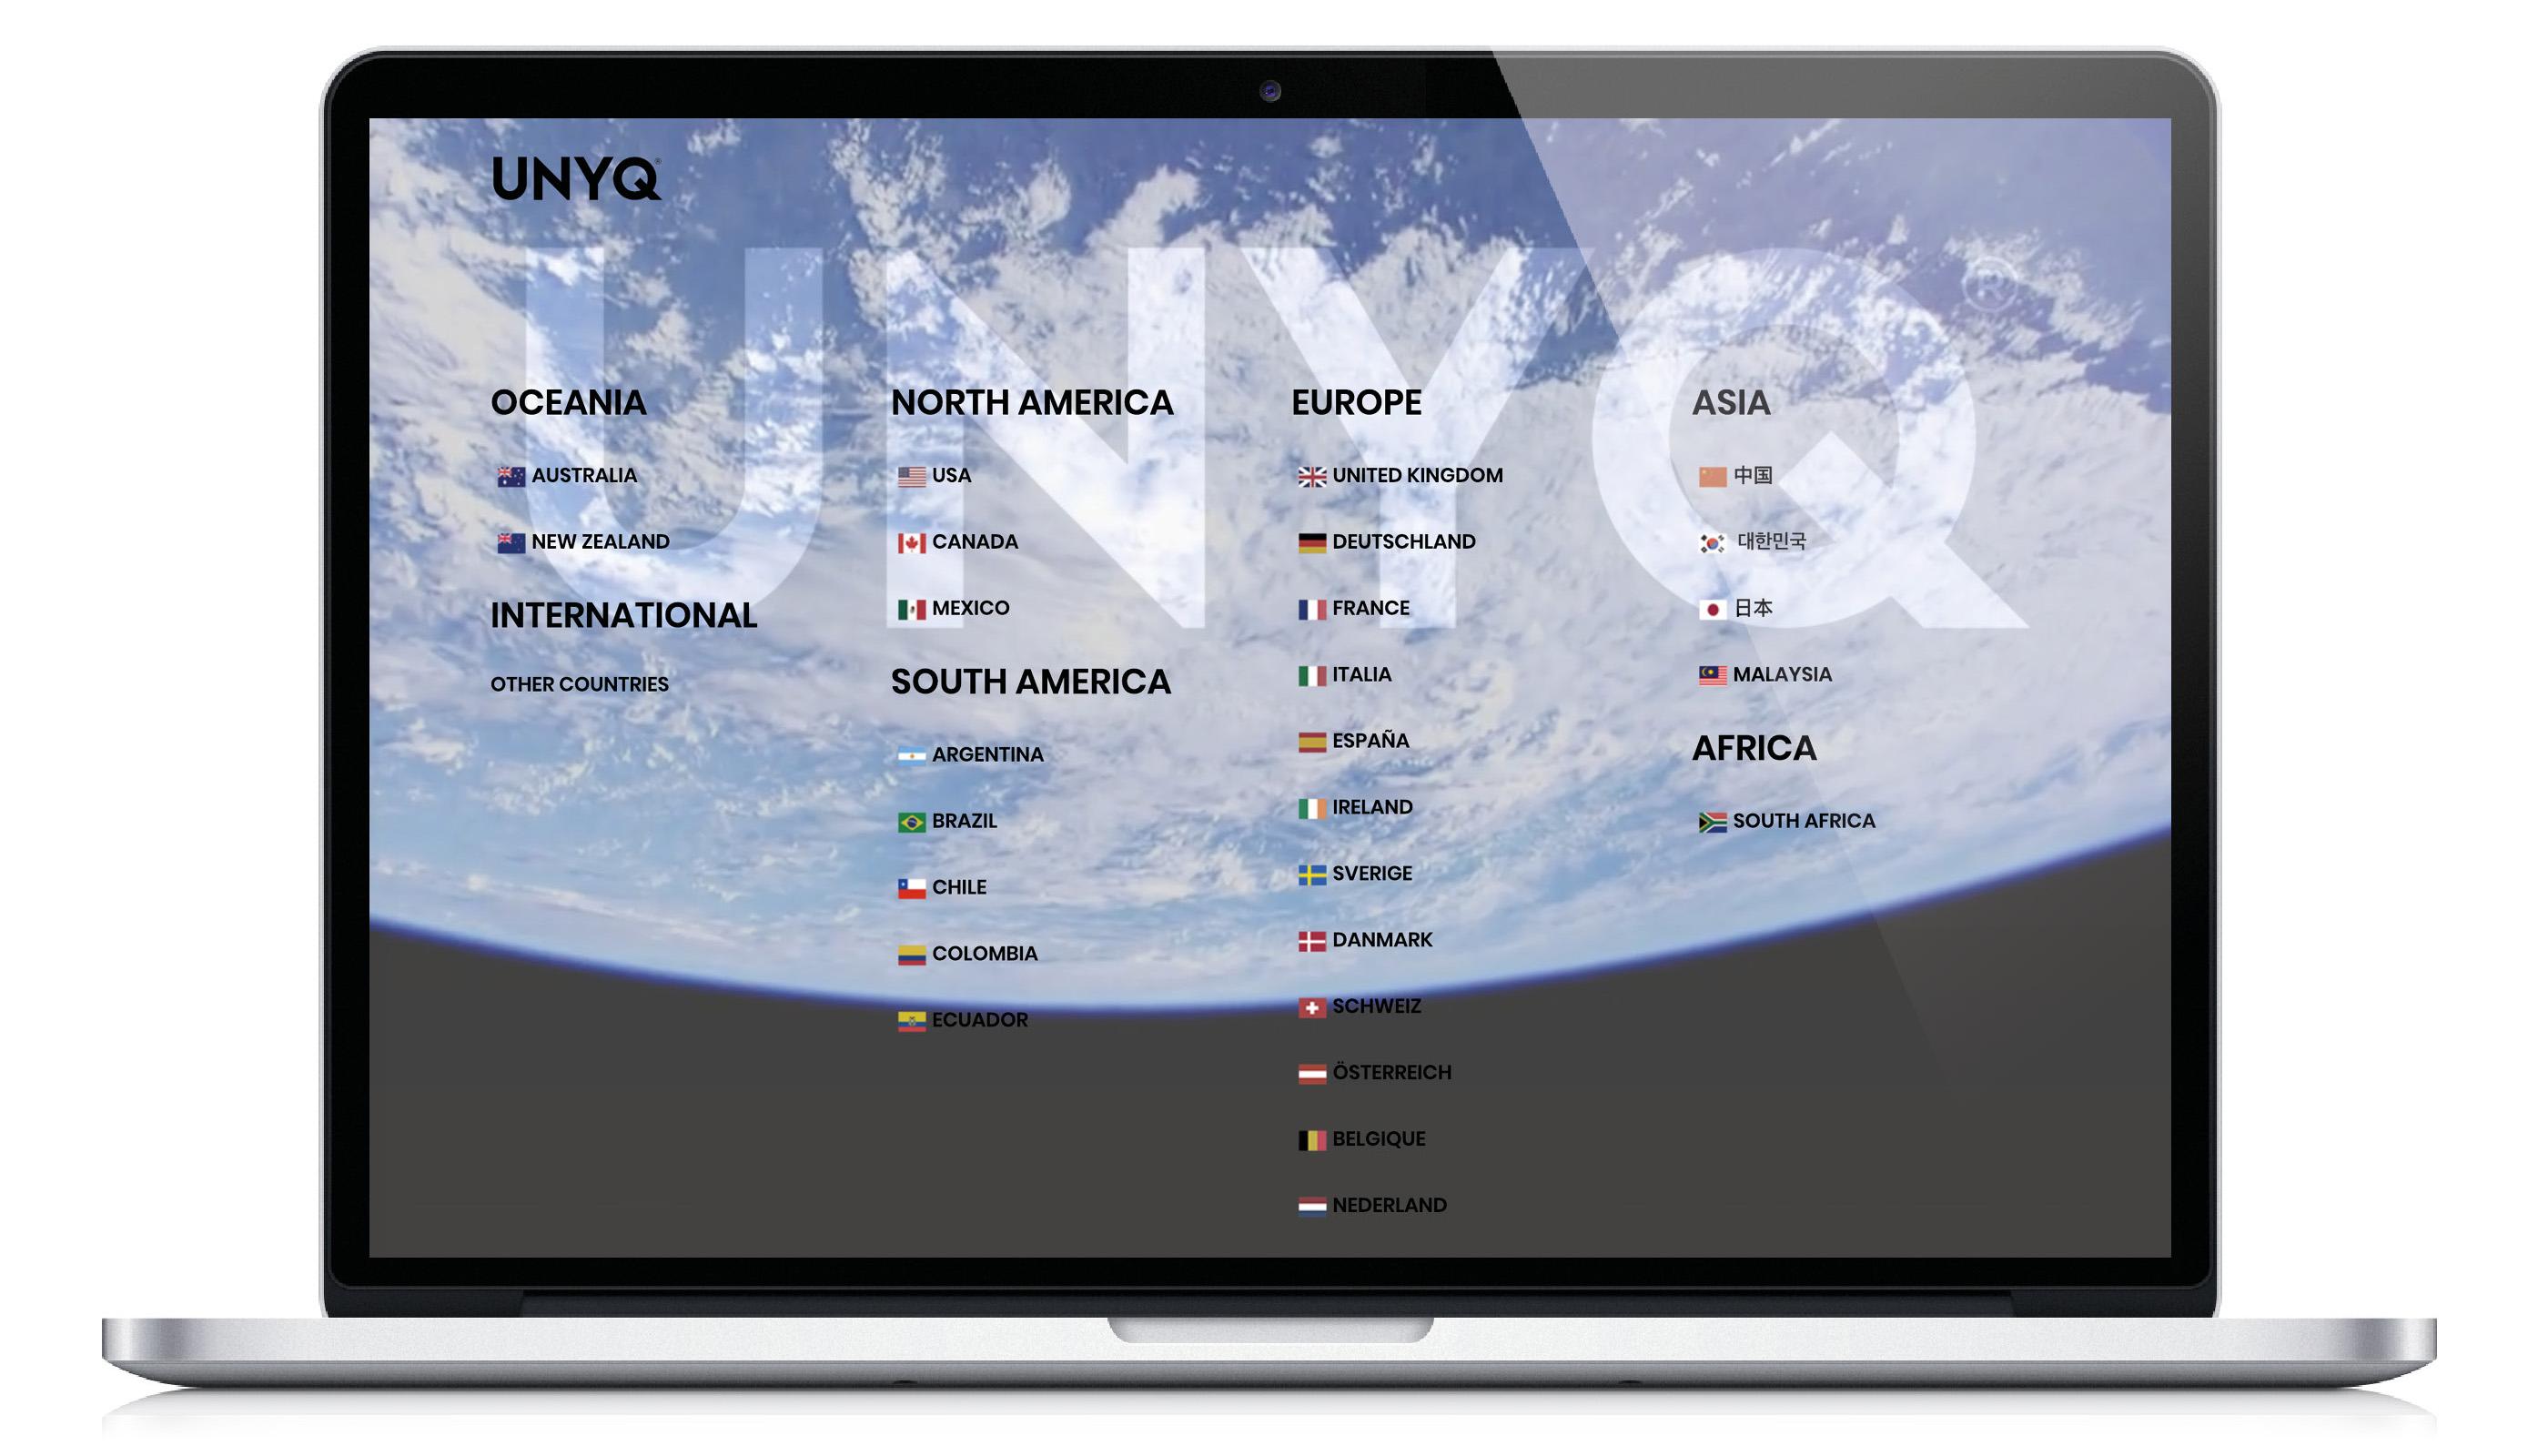 unyq_webdesign_06